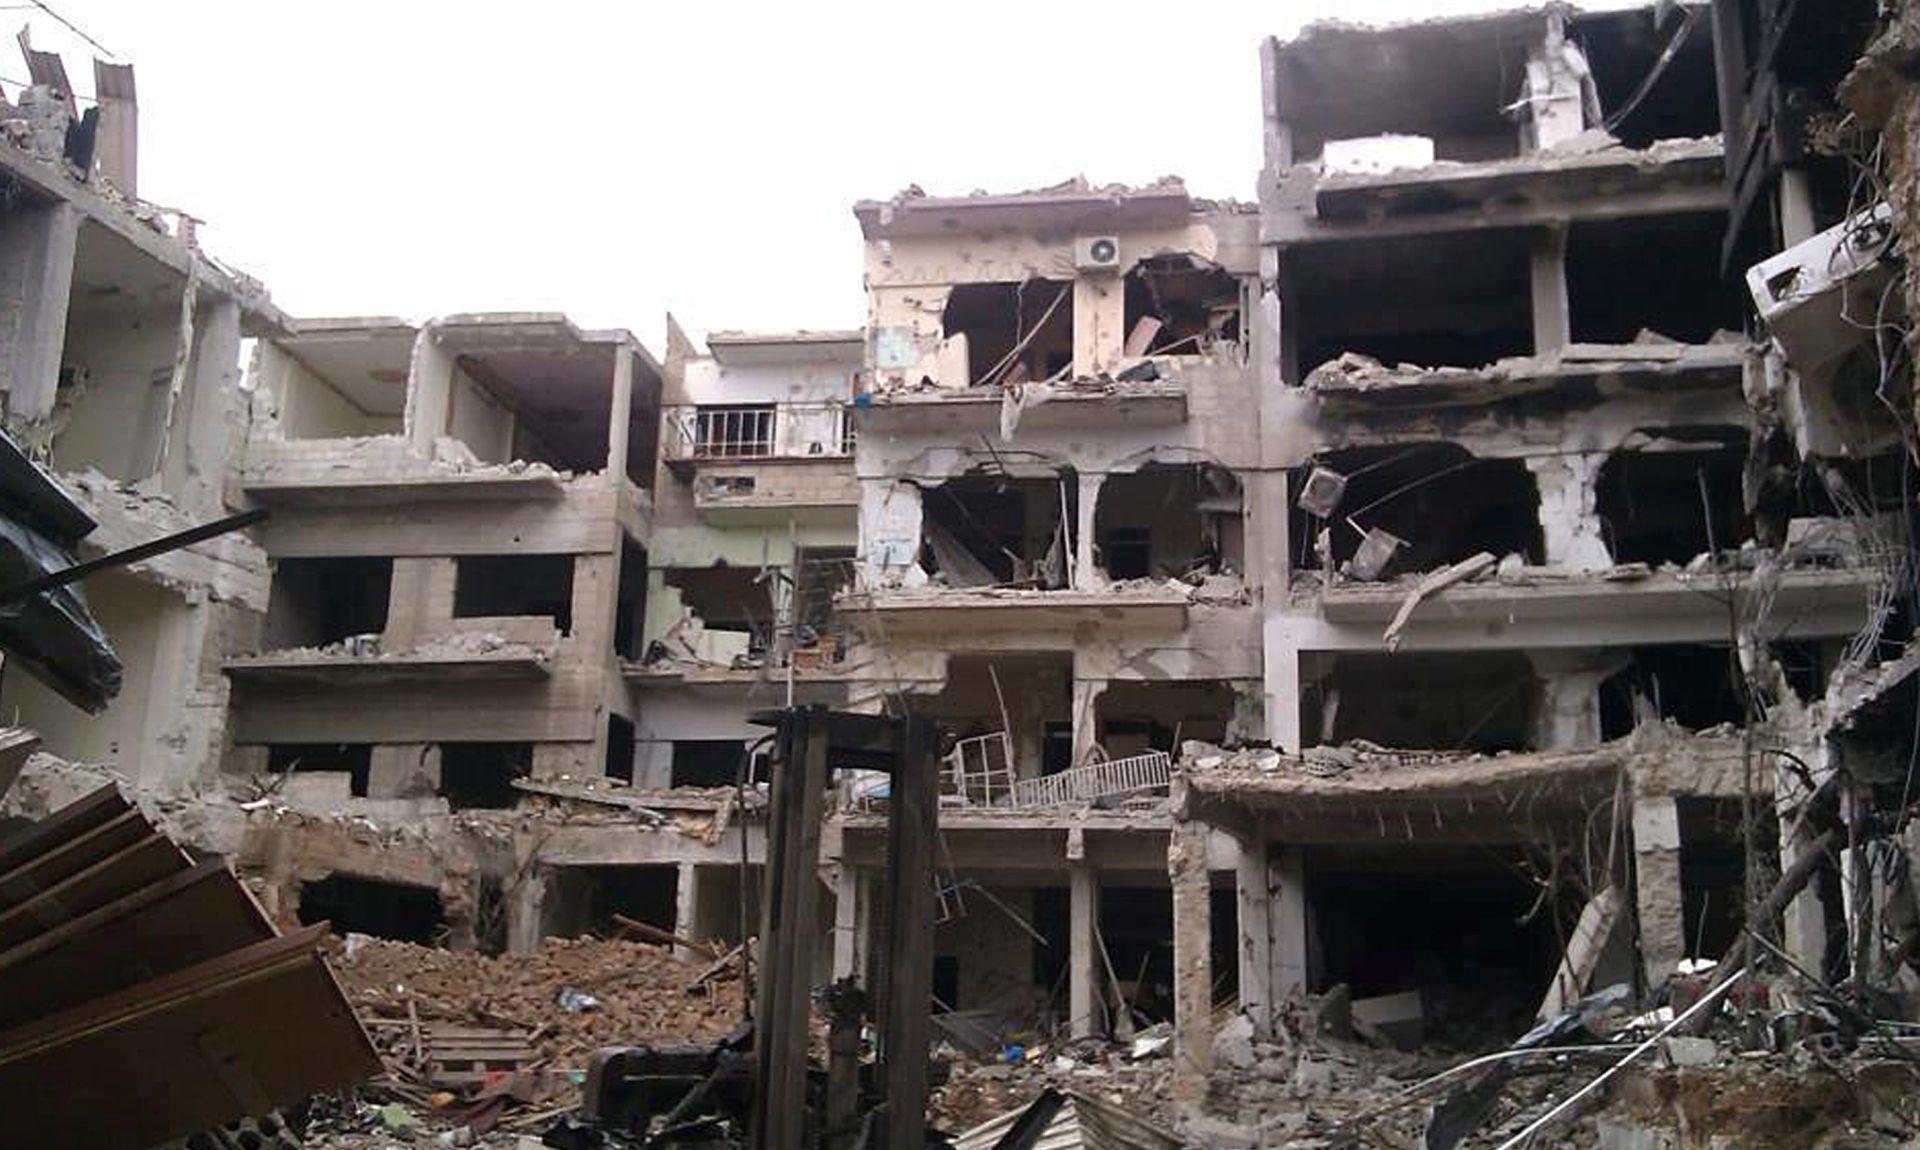 NAKON NAPADA IS-a: Nestalo više od 200 radnika sjeverno od Damaska